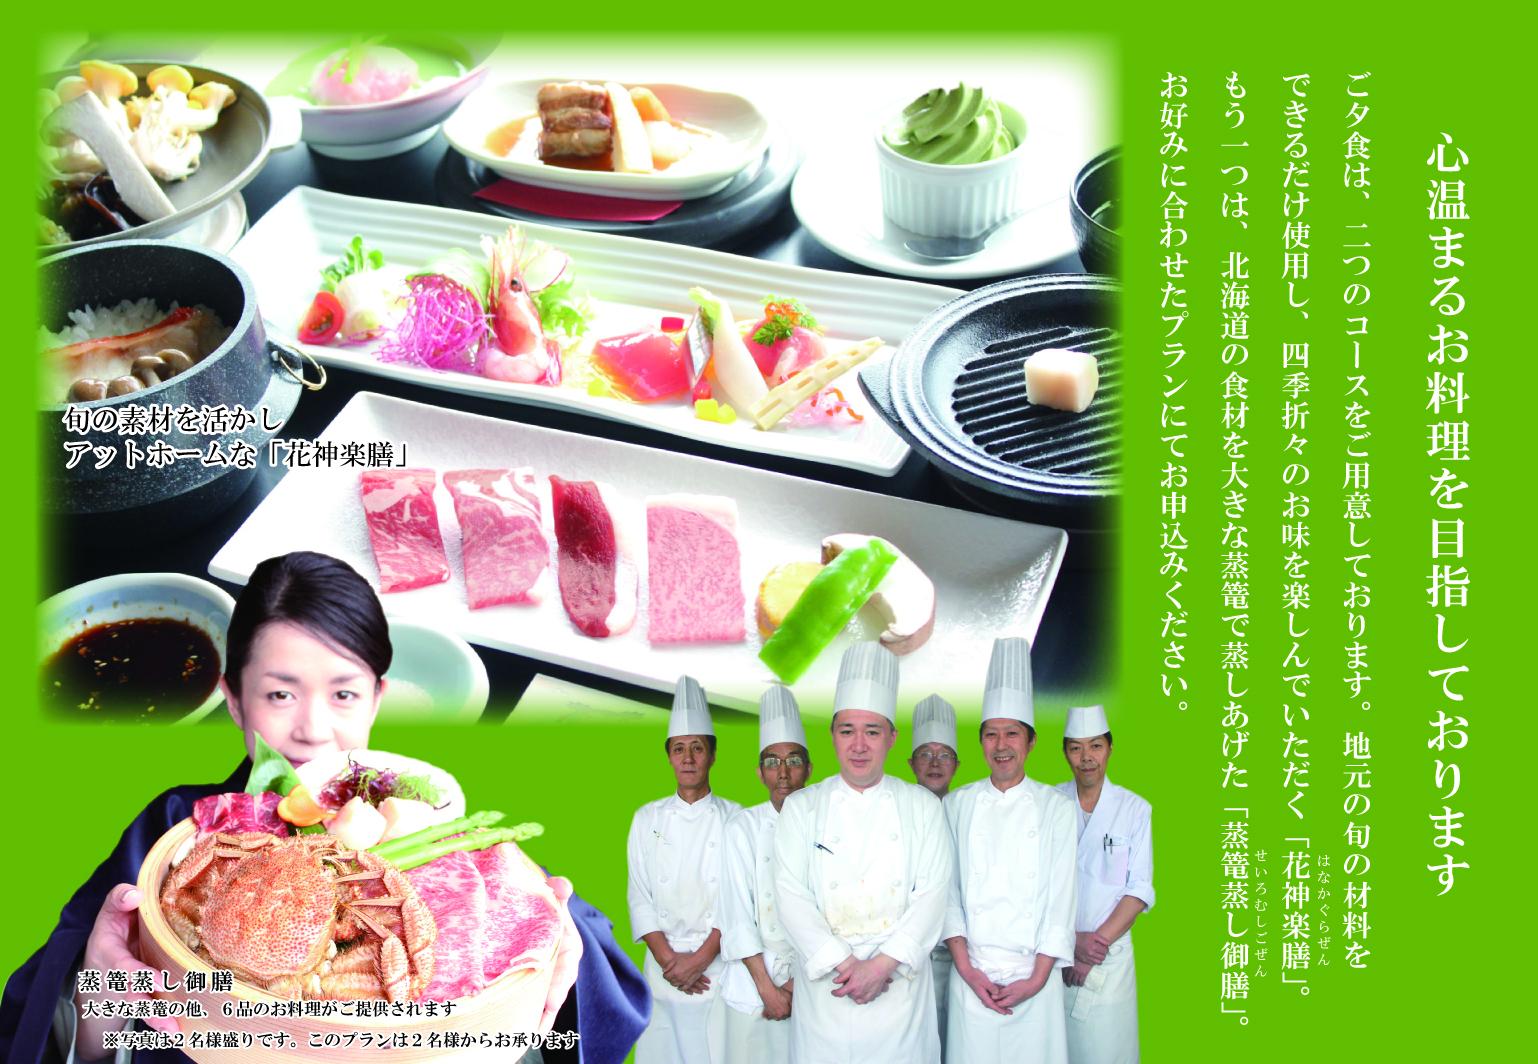 4月1日(金)夕食のメニューが変更になります